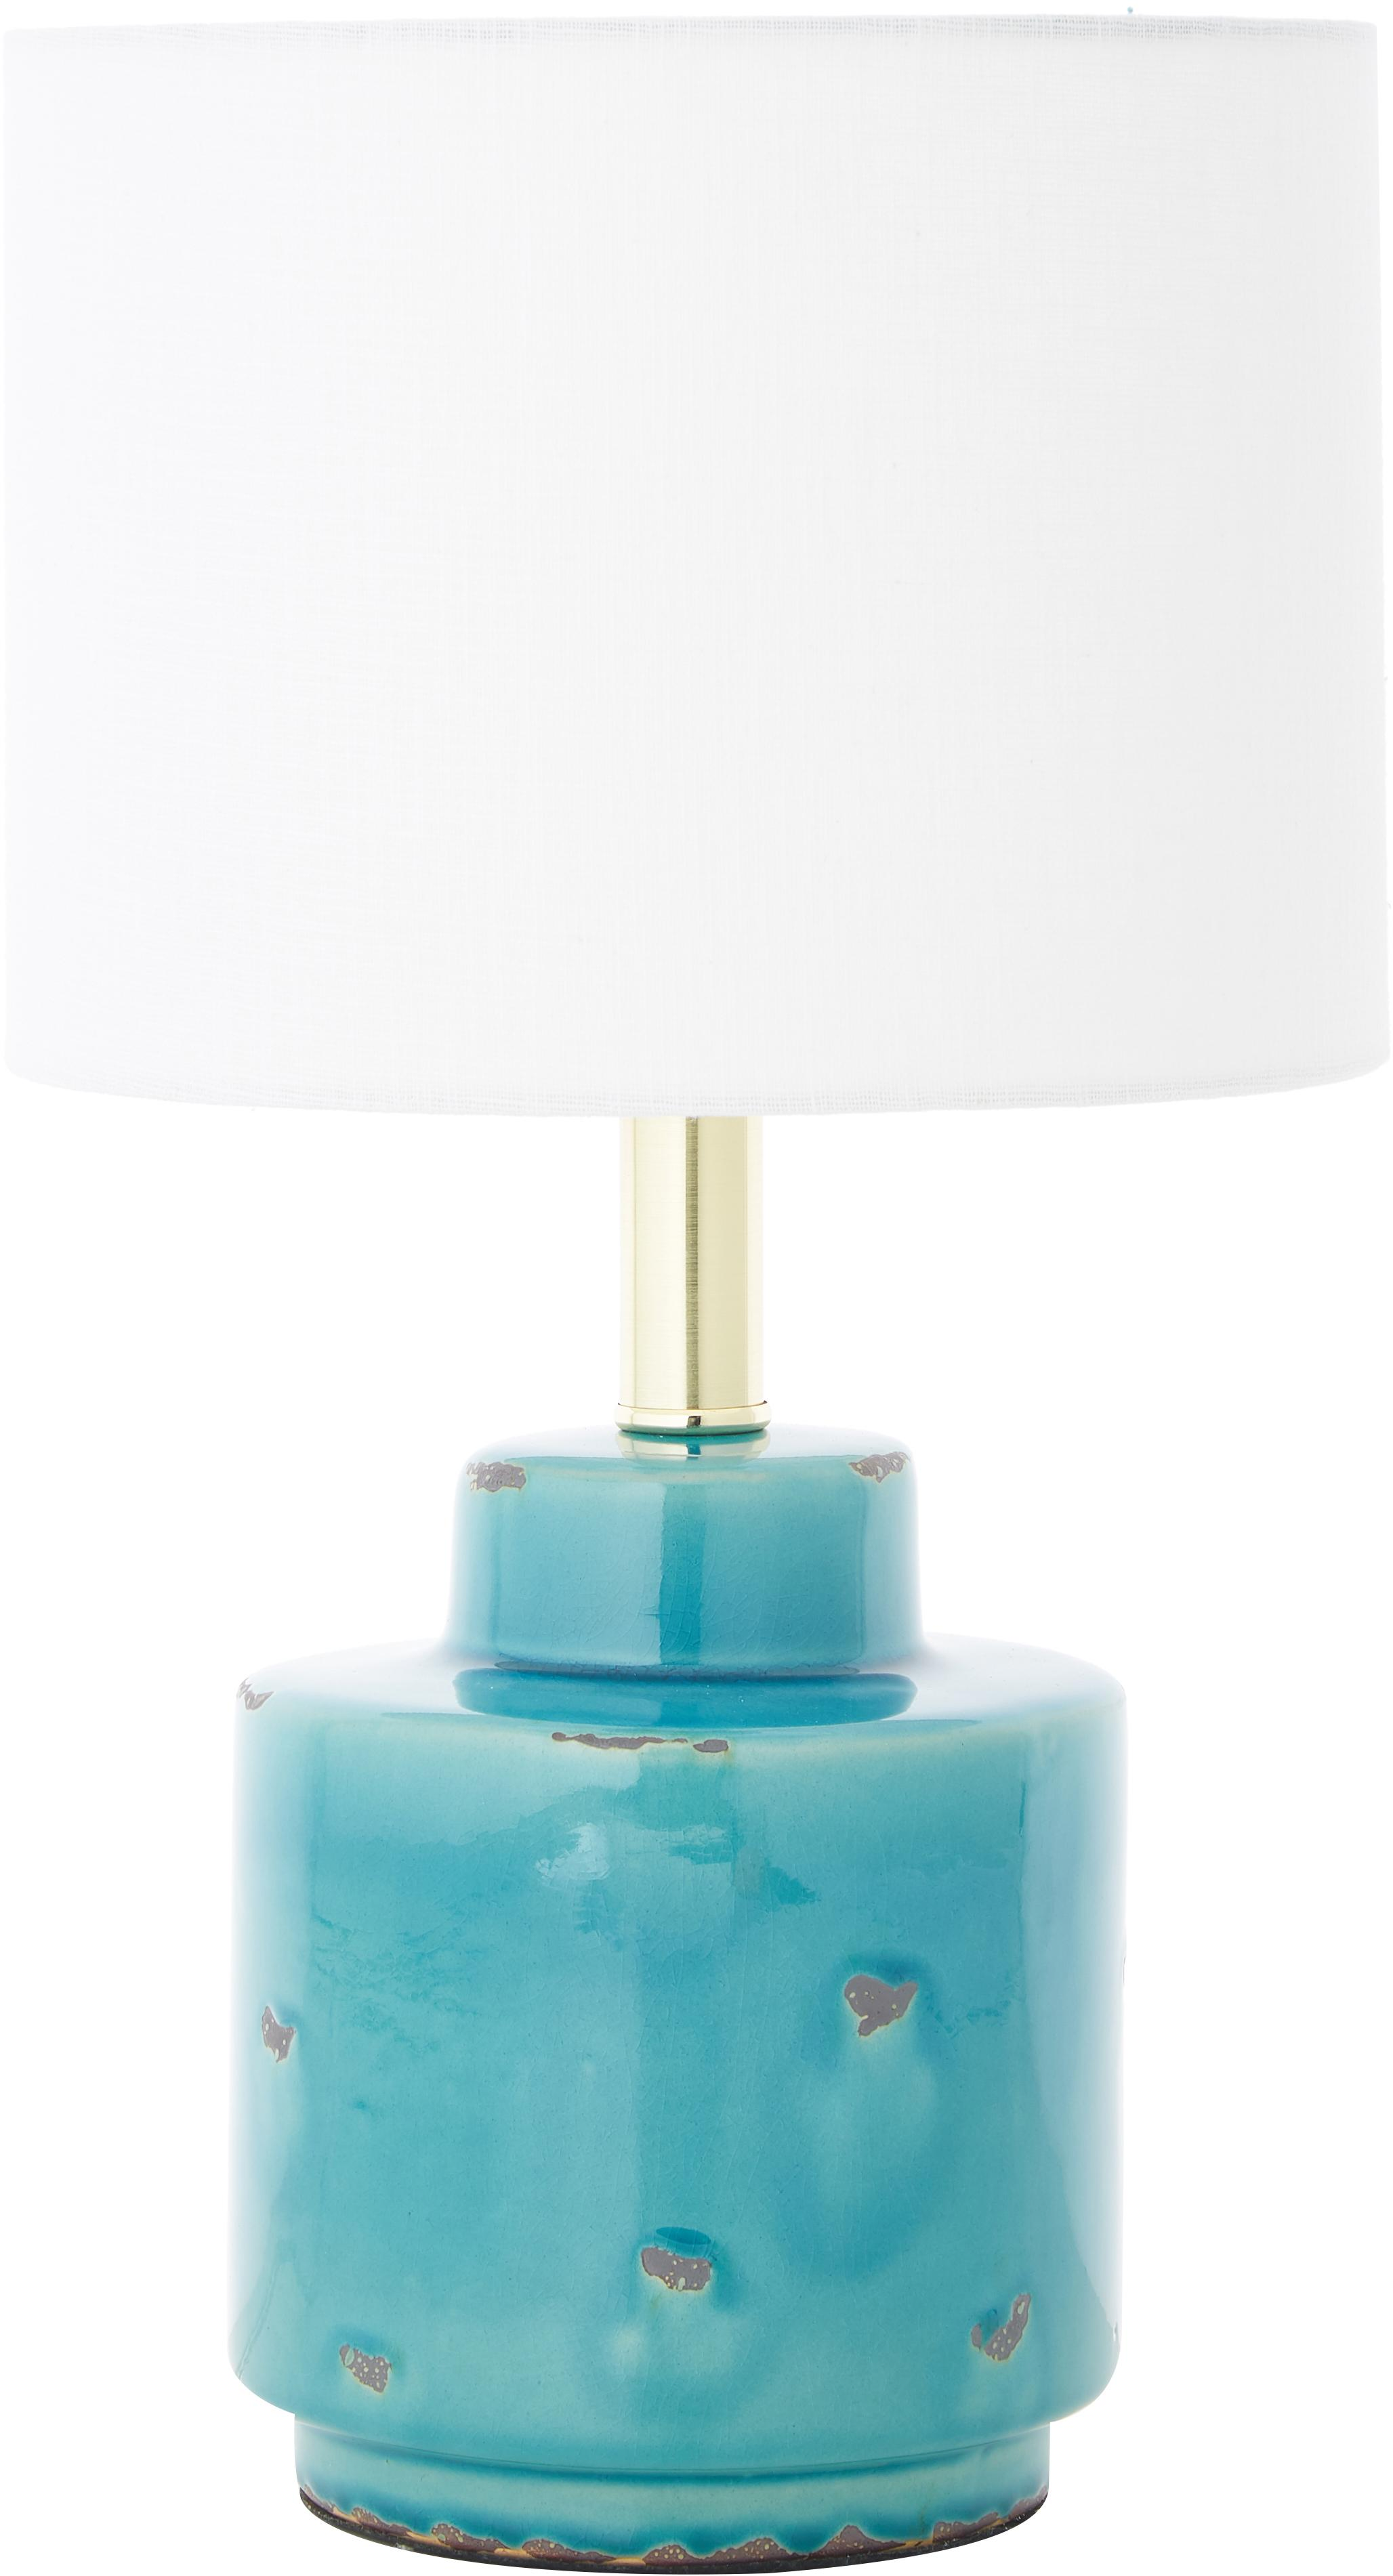 Lampada da tavolo in ceramica Cous, Paralume: poliestere, Base della lampada: ceramica con finitura ant, Paralume: bianco  base della lampada: blu con finitura antica, Ø 24 x Alt. 42 cm